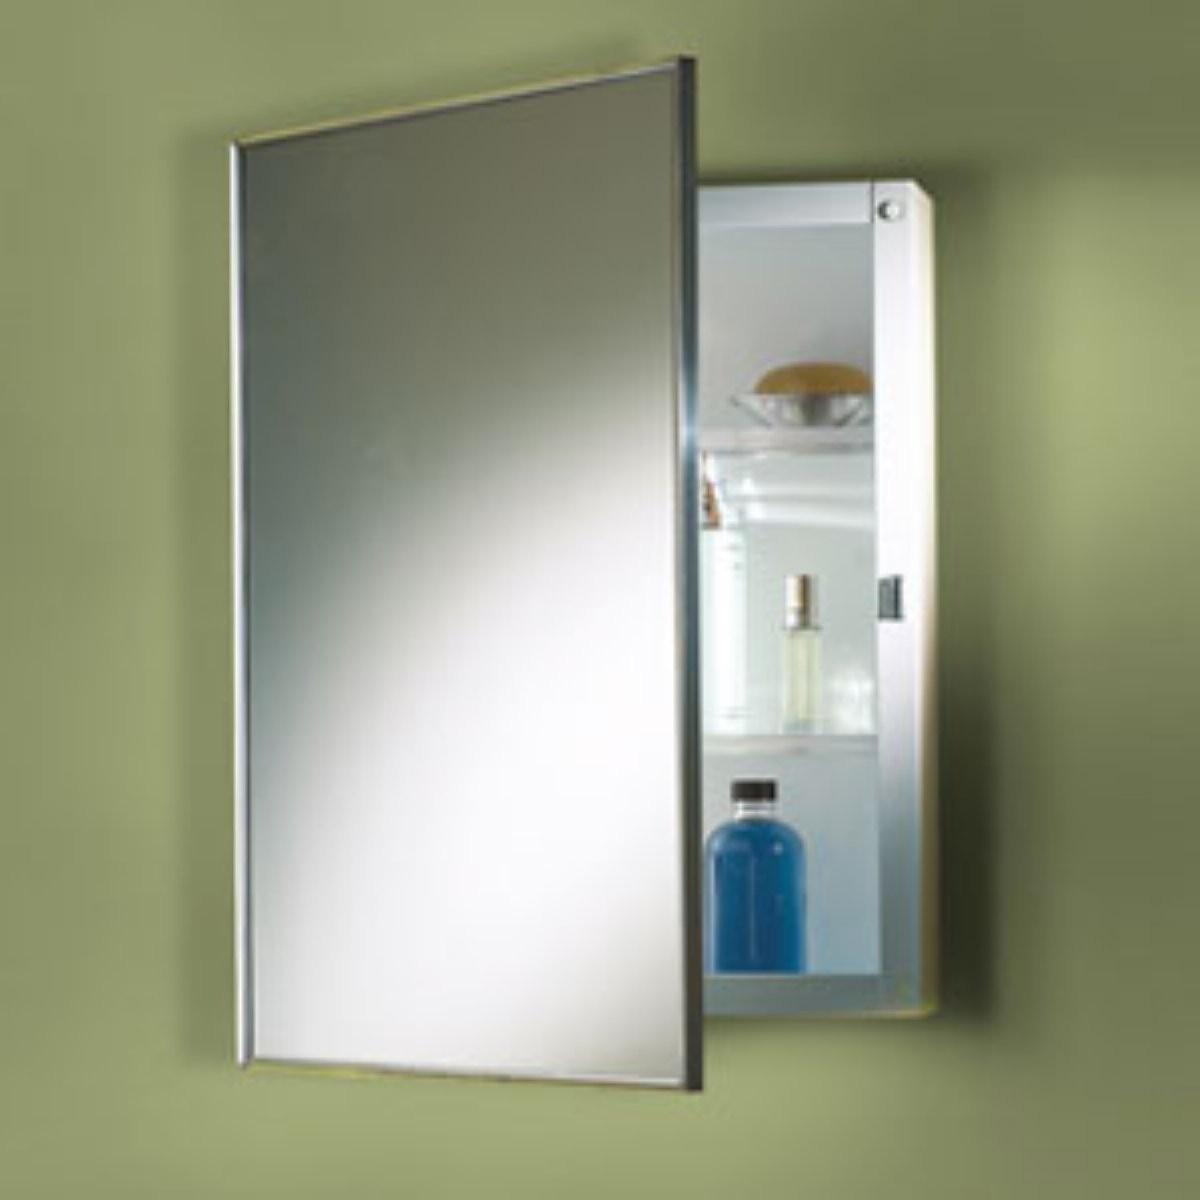 Mirror Bathroom Wall Cabinet With Bathroom Mirror Cupboards (Image 21 of 25)